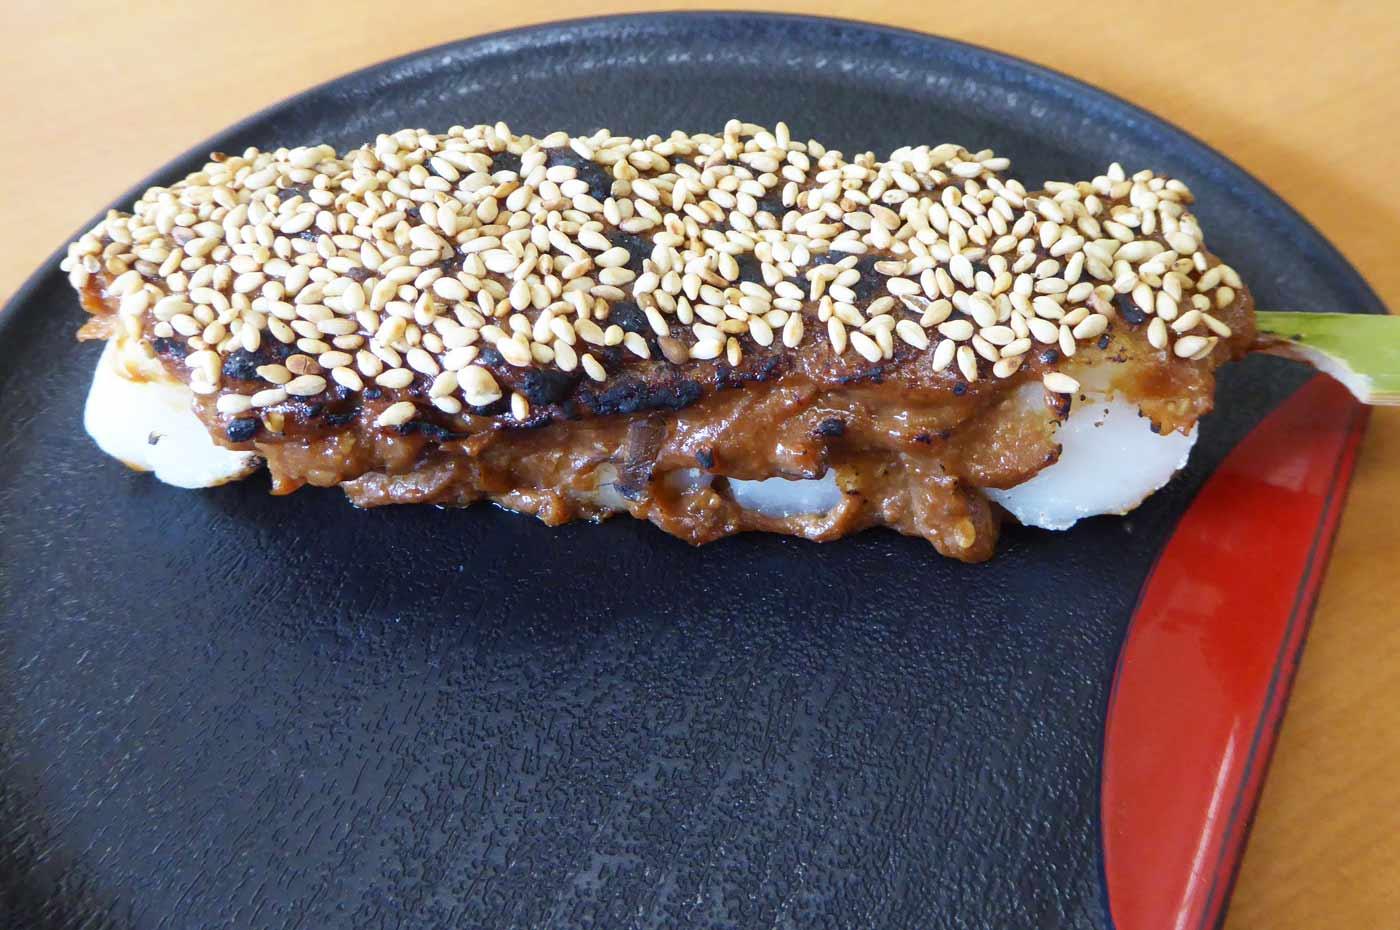 ねぎ味噌焼き団子の画像